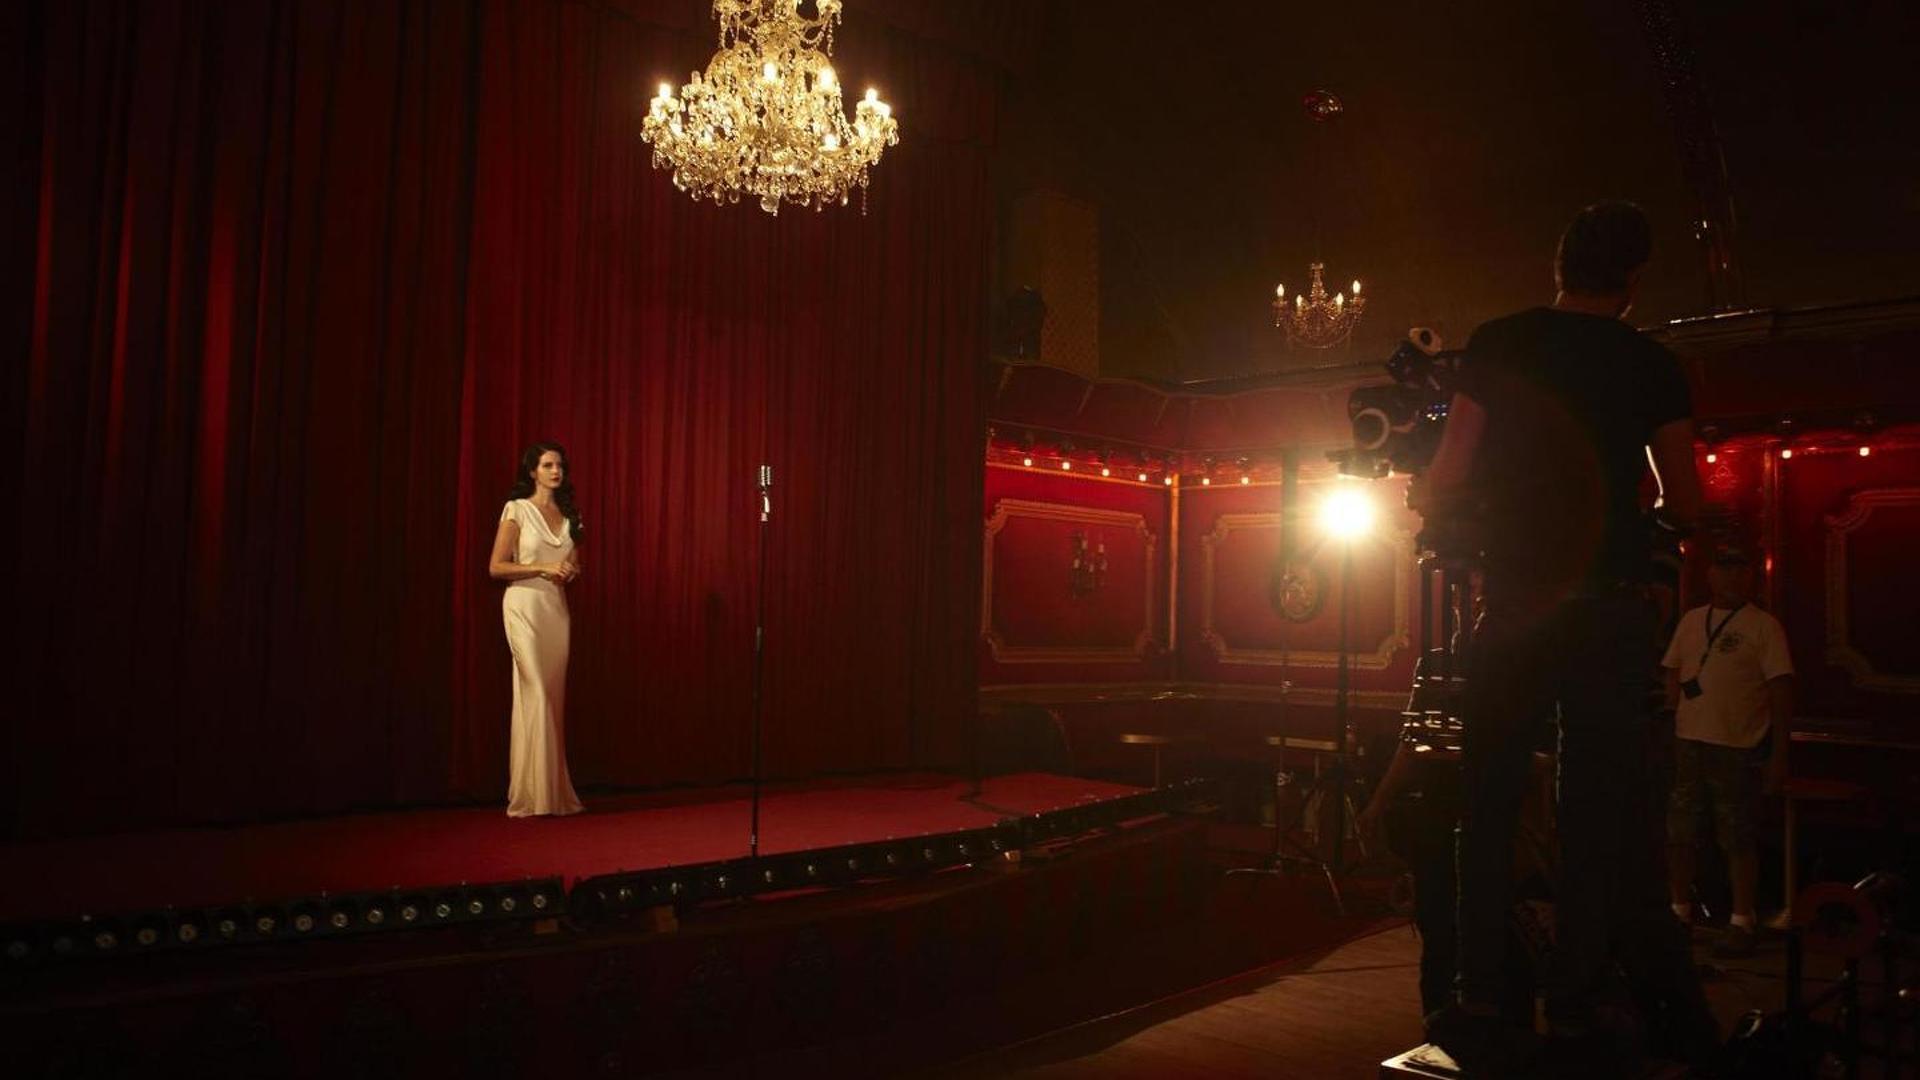 Jaguar F-TYPE stars in Lana Del Rey's 'Burning Desire' video